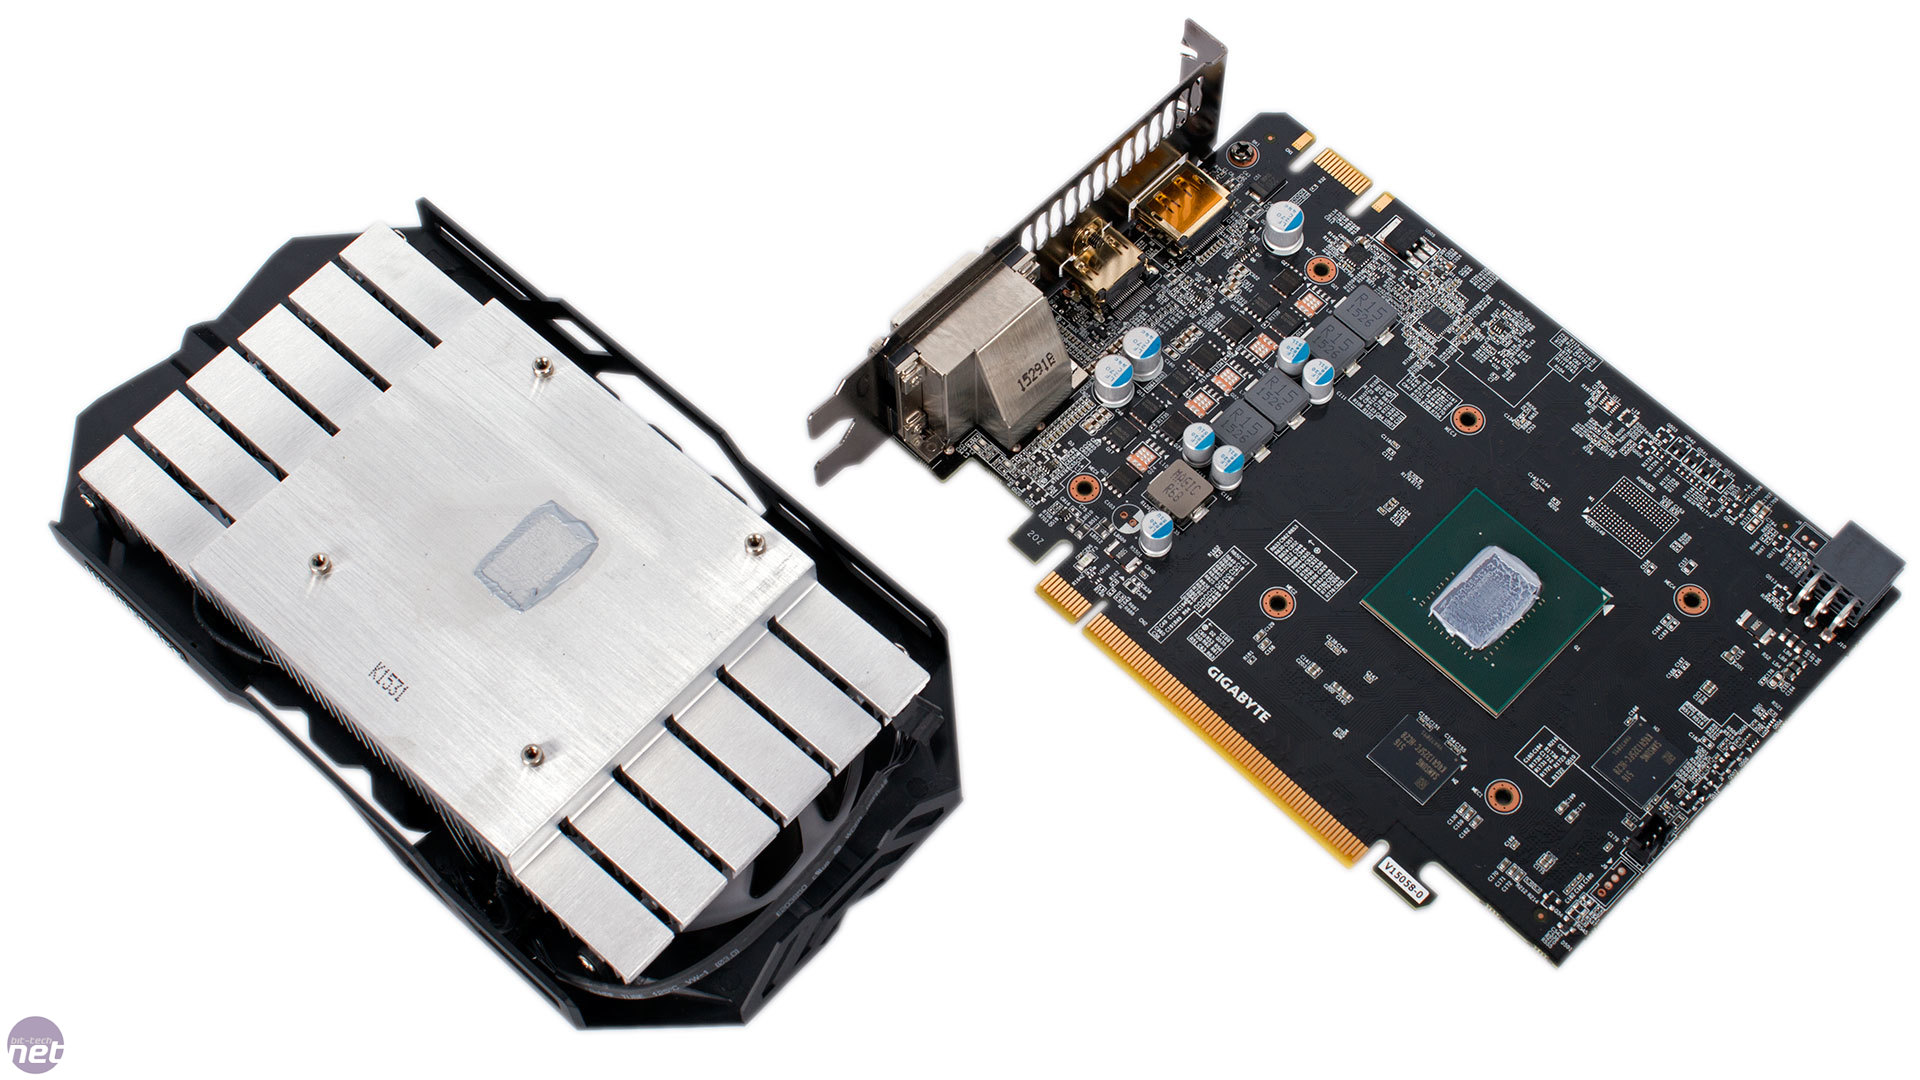 Nvidia GeForce GTX 950 Review: feat  Gigabyte   bit-tech net